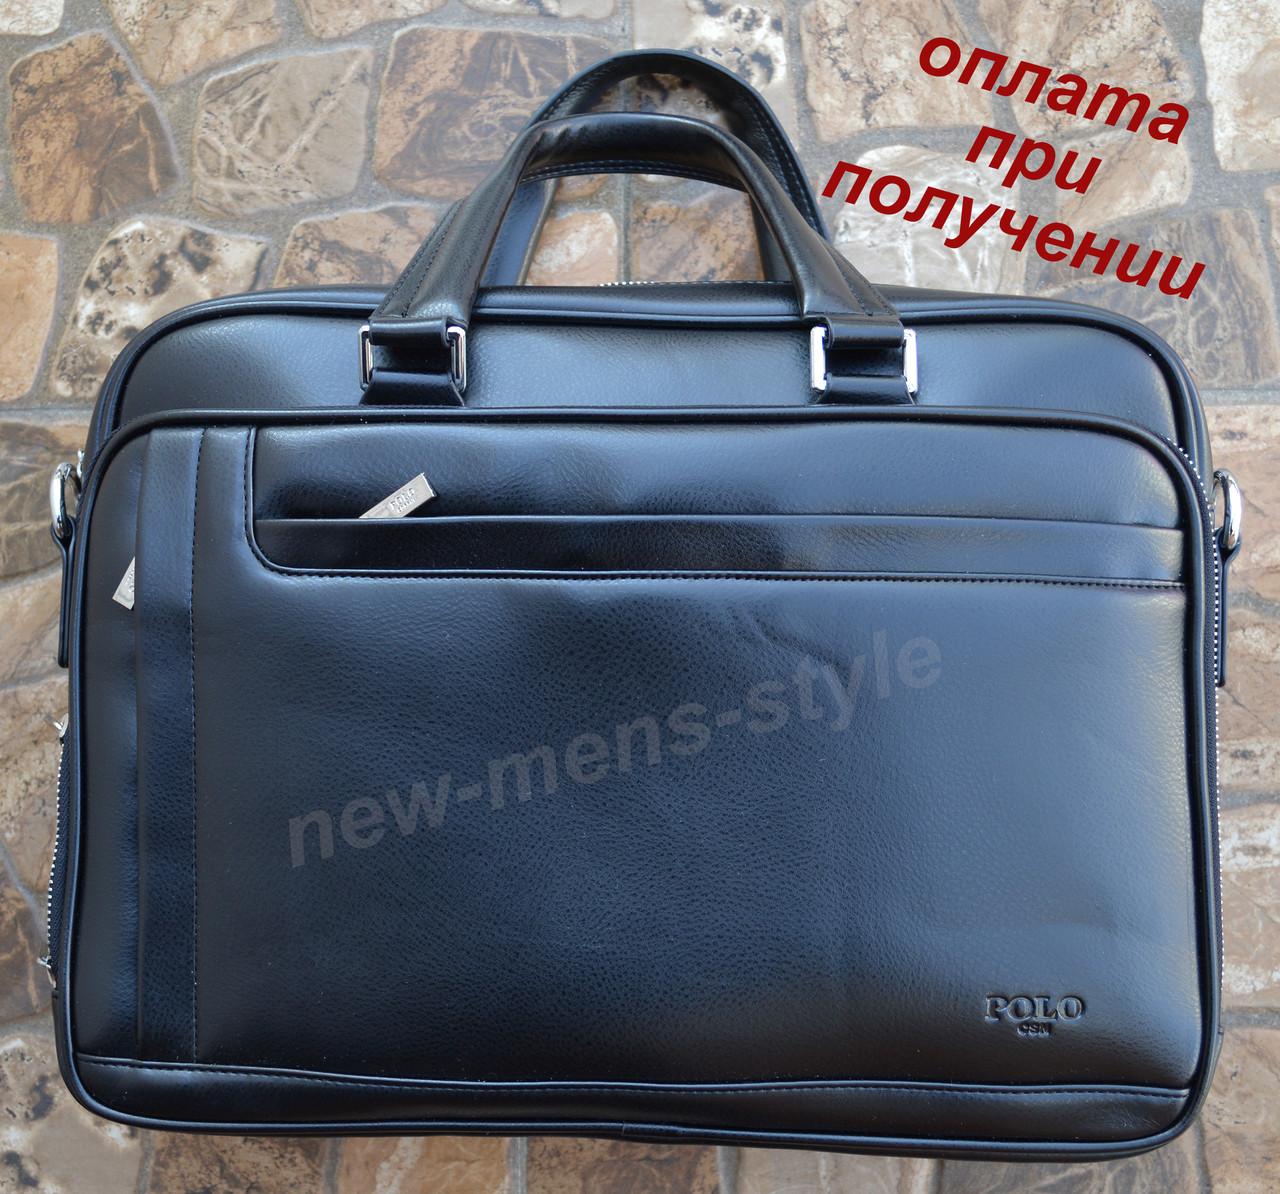 abd2262e6cbf Мужская Кожаная Фирменная Деловая Сумка Портфель Polo для Документов ...